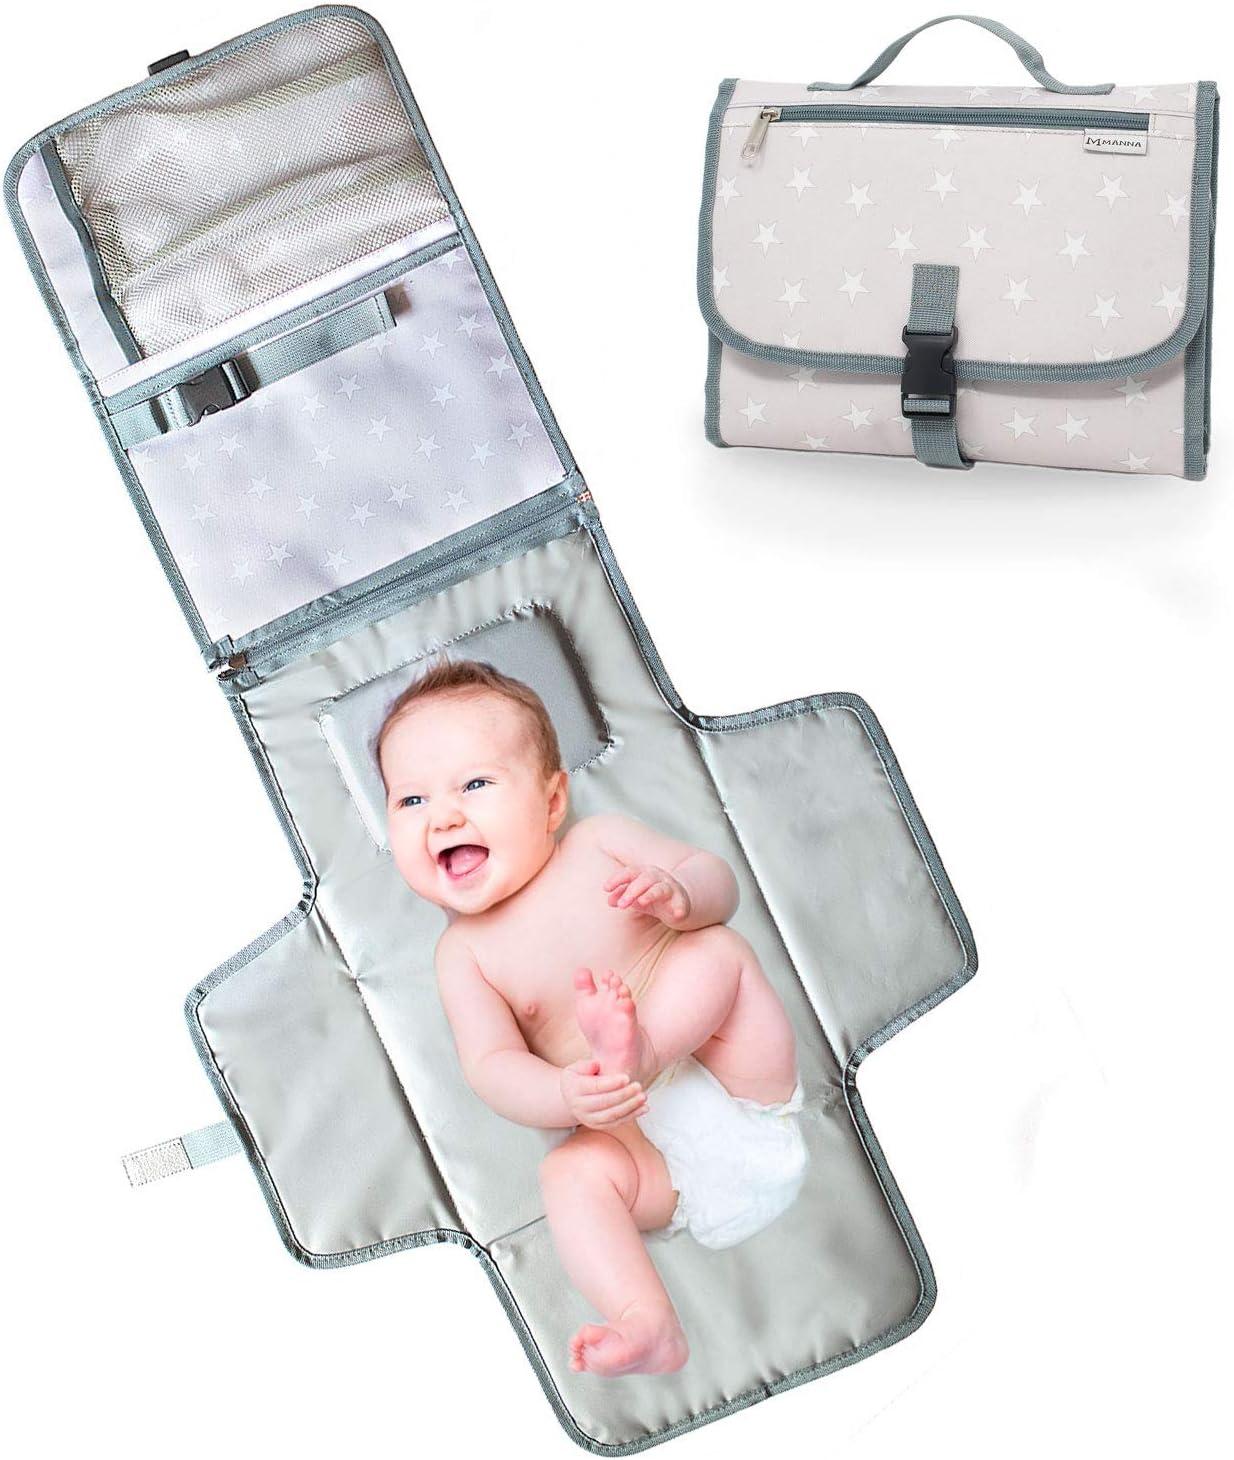 bolso Cambiador Portátil para bebé–Cambiador Plegable de viaje–2bolsillos internos 1Externa–Cambia Los pañales en Cualquier sitio con el kit Cambiador de viaje 30x 20x 4cm